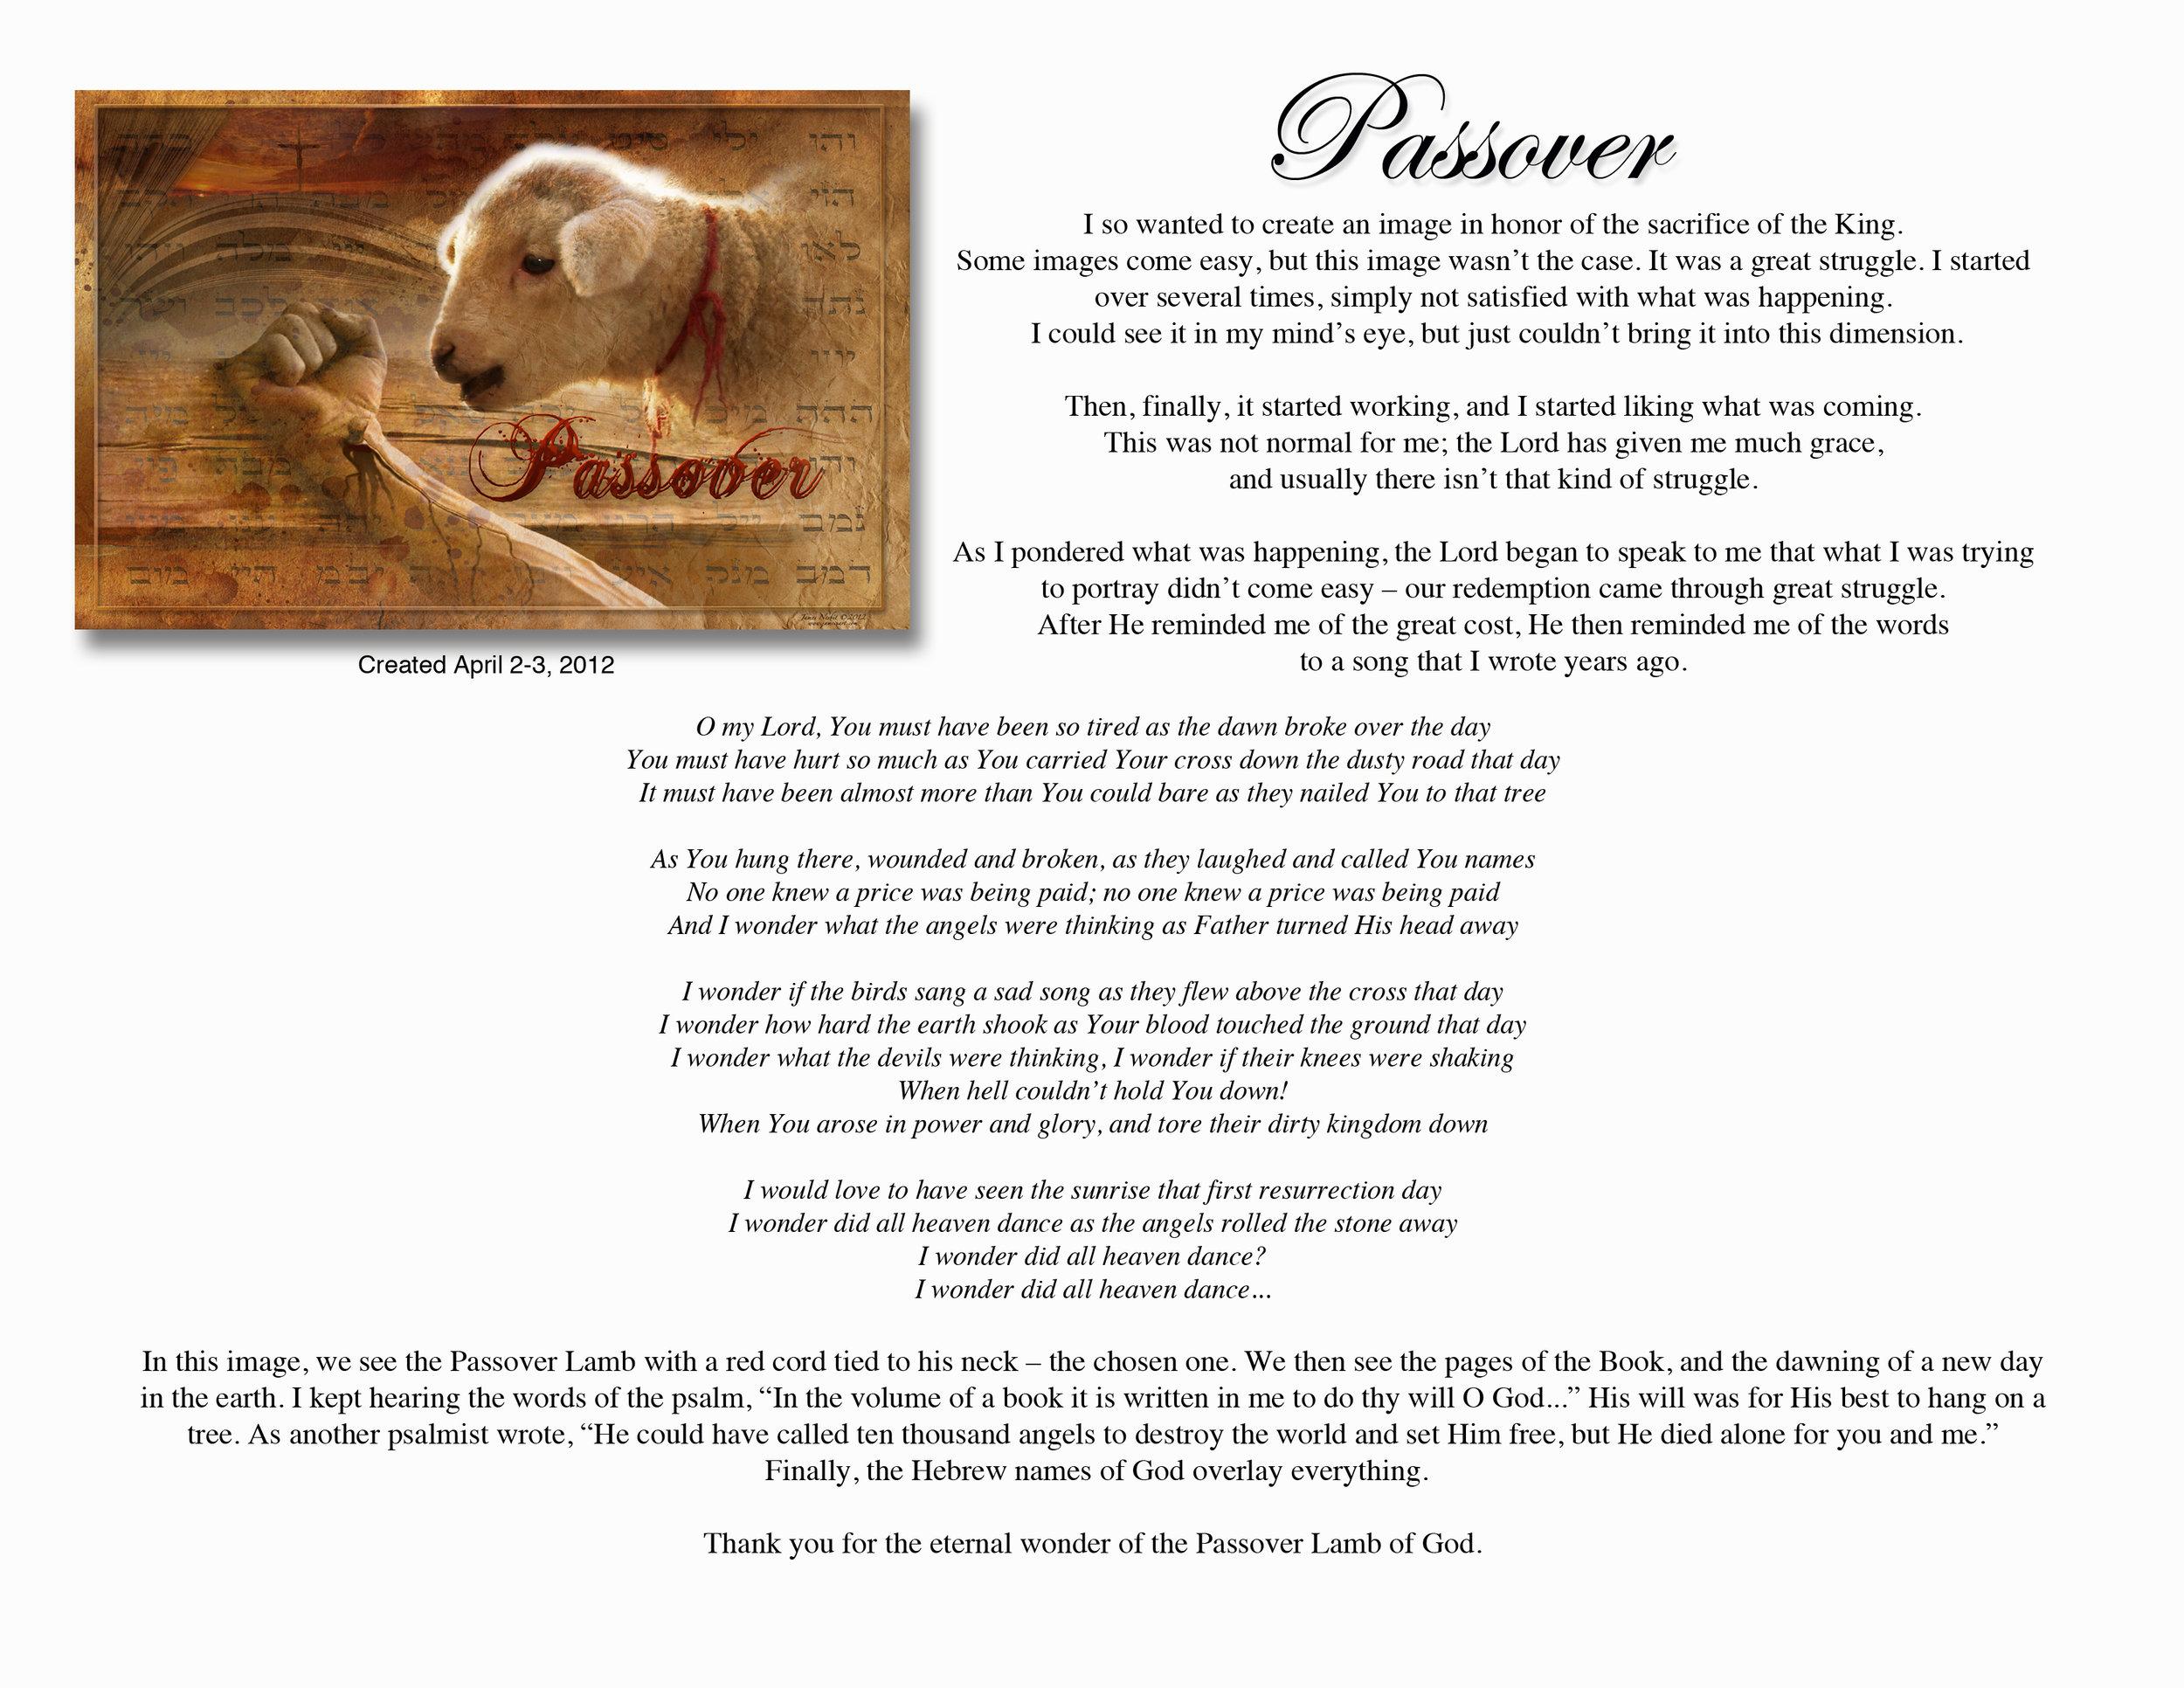 Passover description.jpg